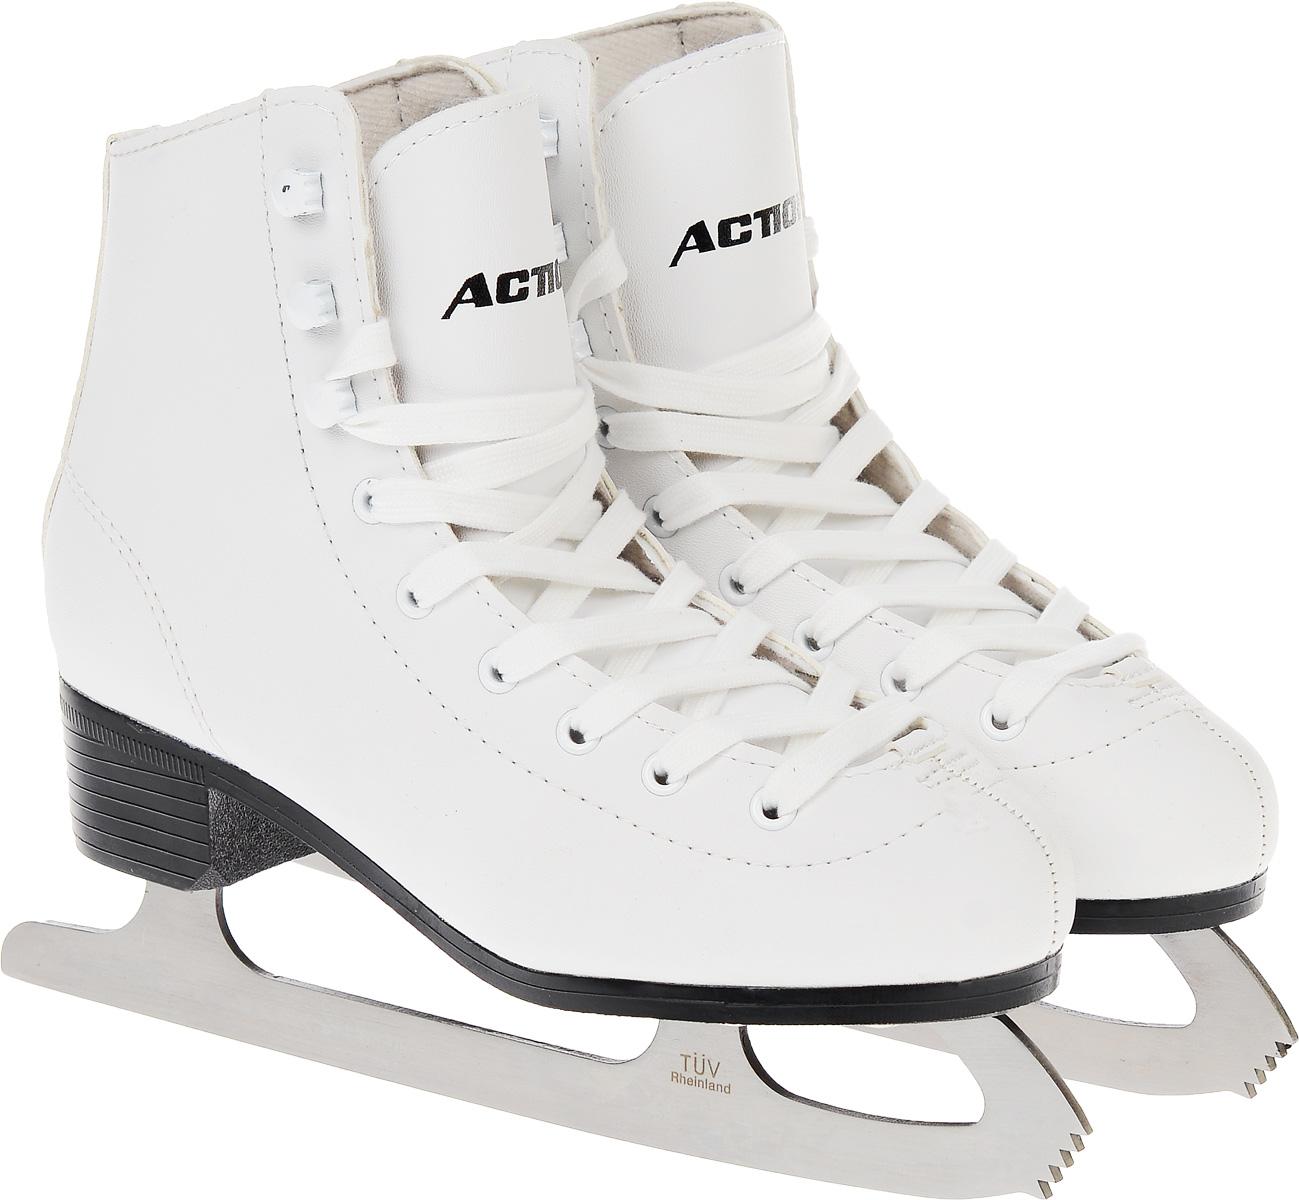 Коньки фигурные детские Action Sporting Goods, цвет: белый. PW-215. Размер 33